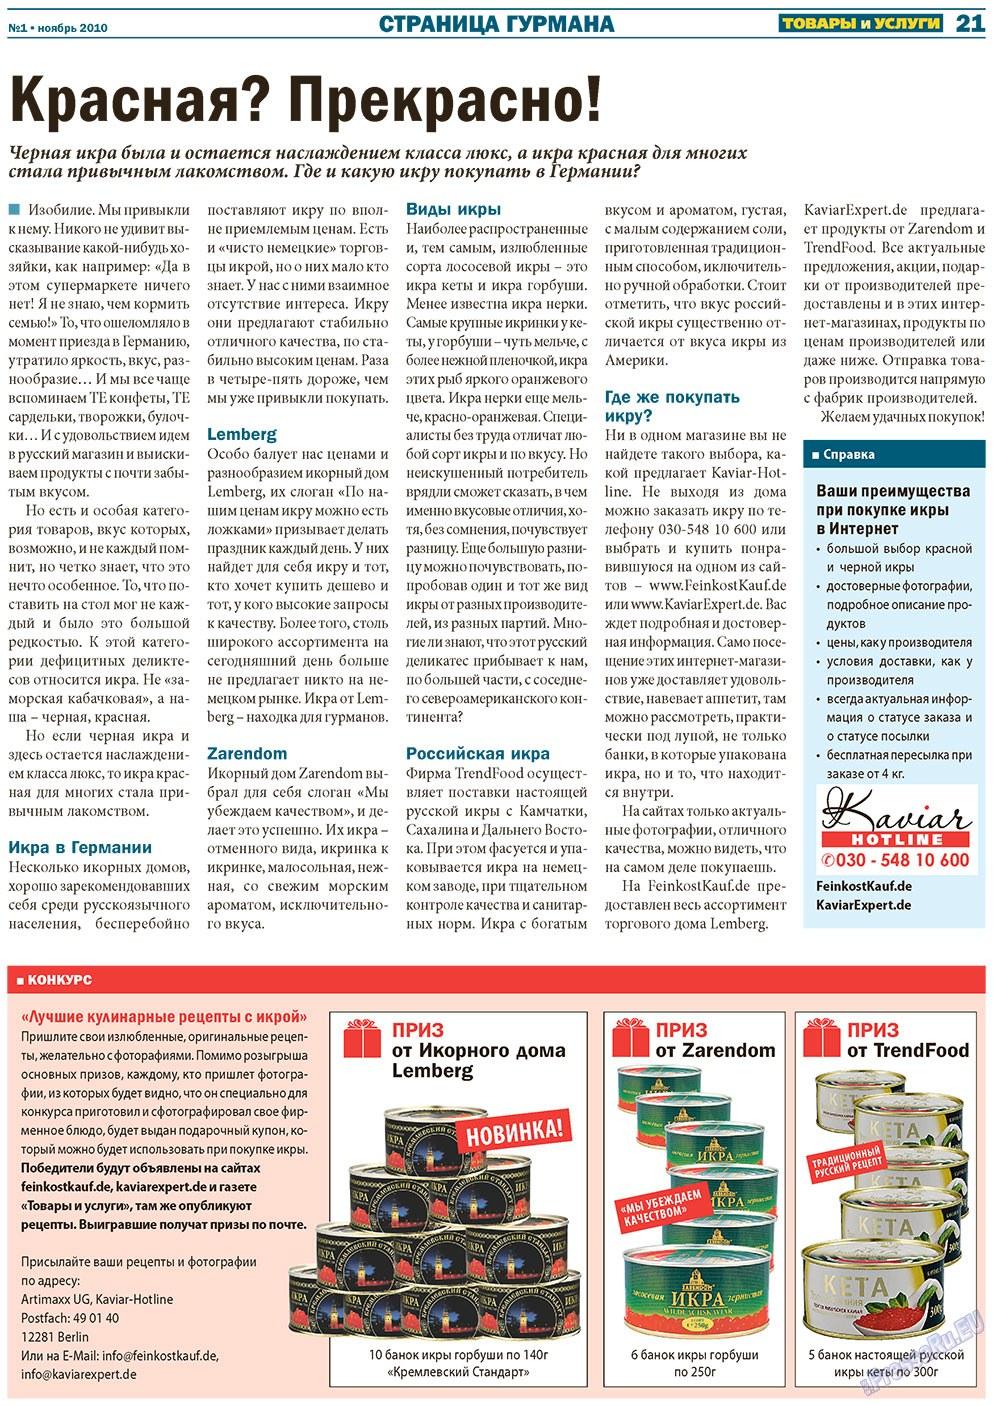 Товары и услуги (газета). 2010 год, номер 1, стр. 21